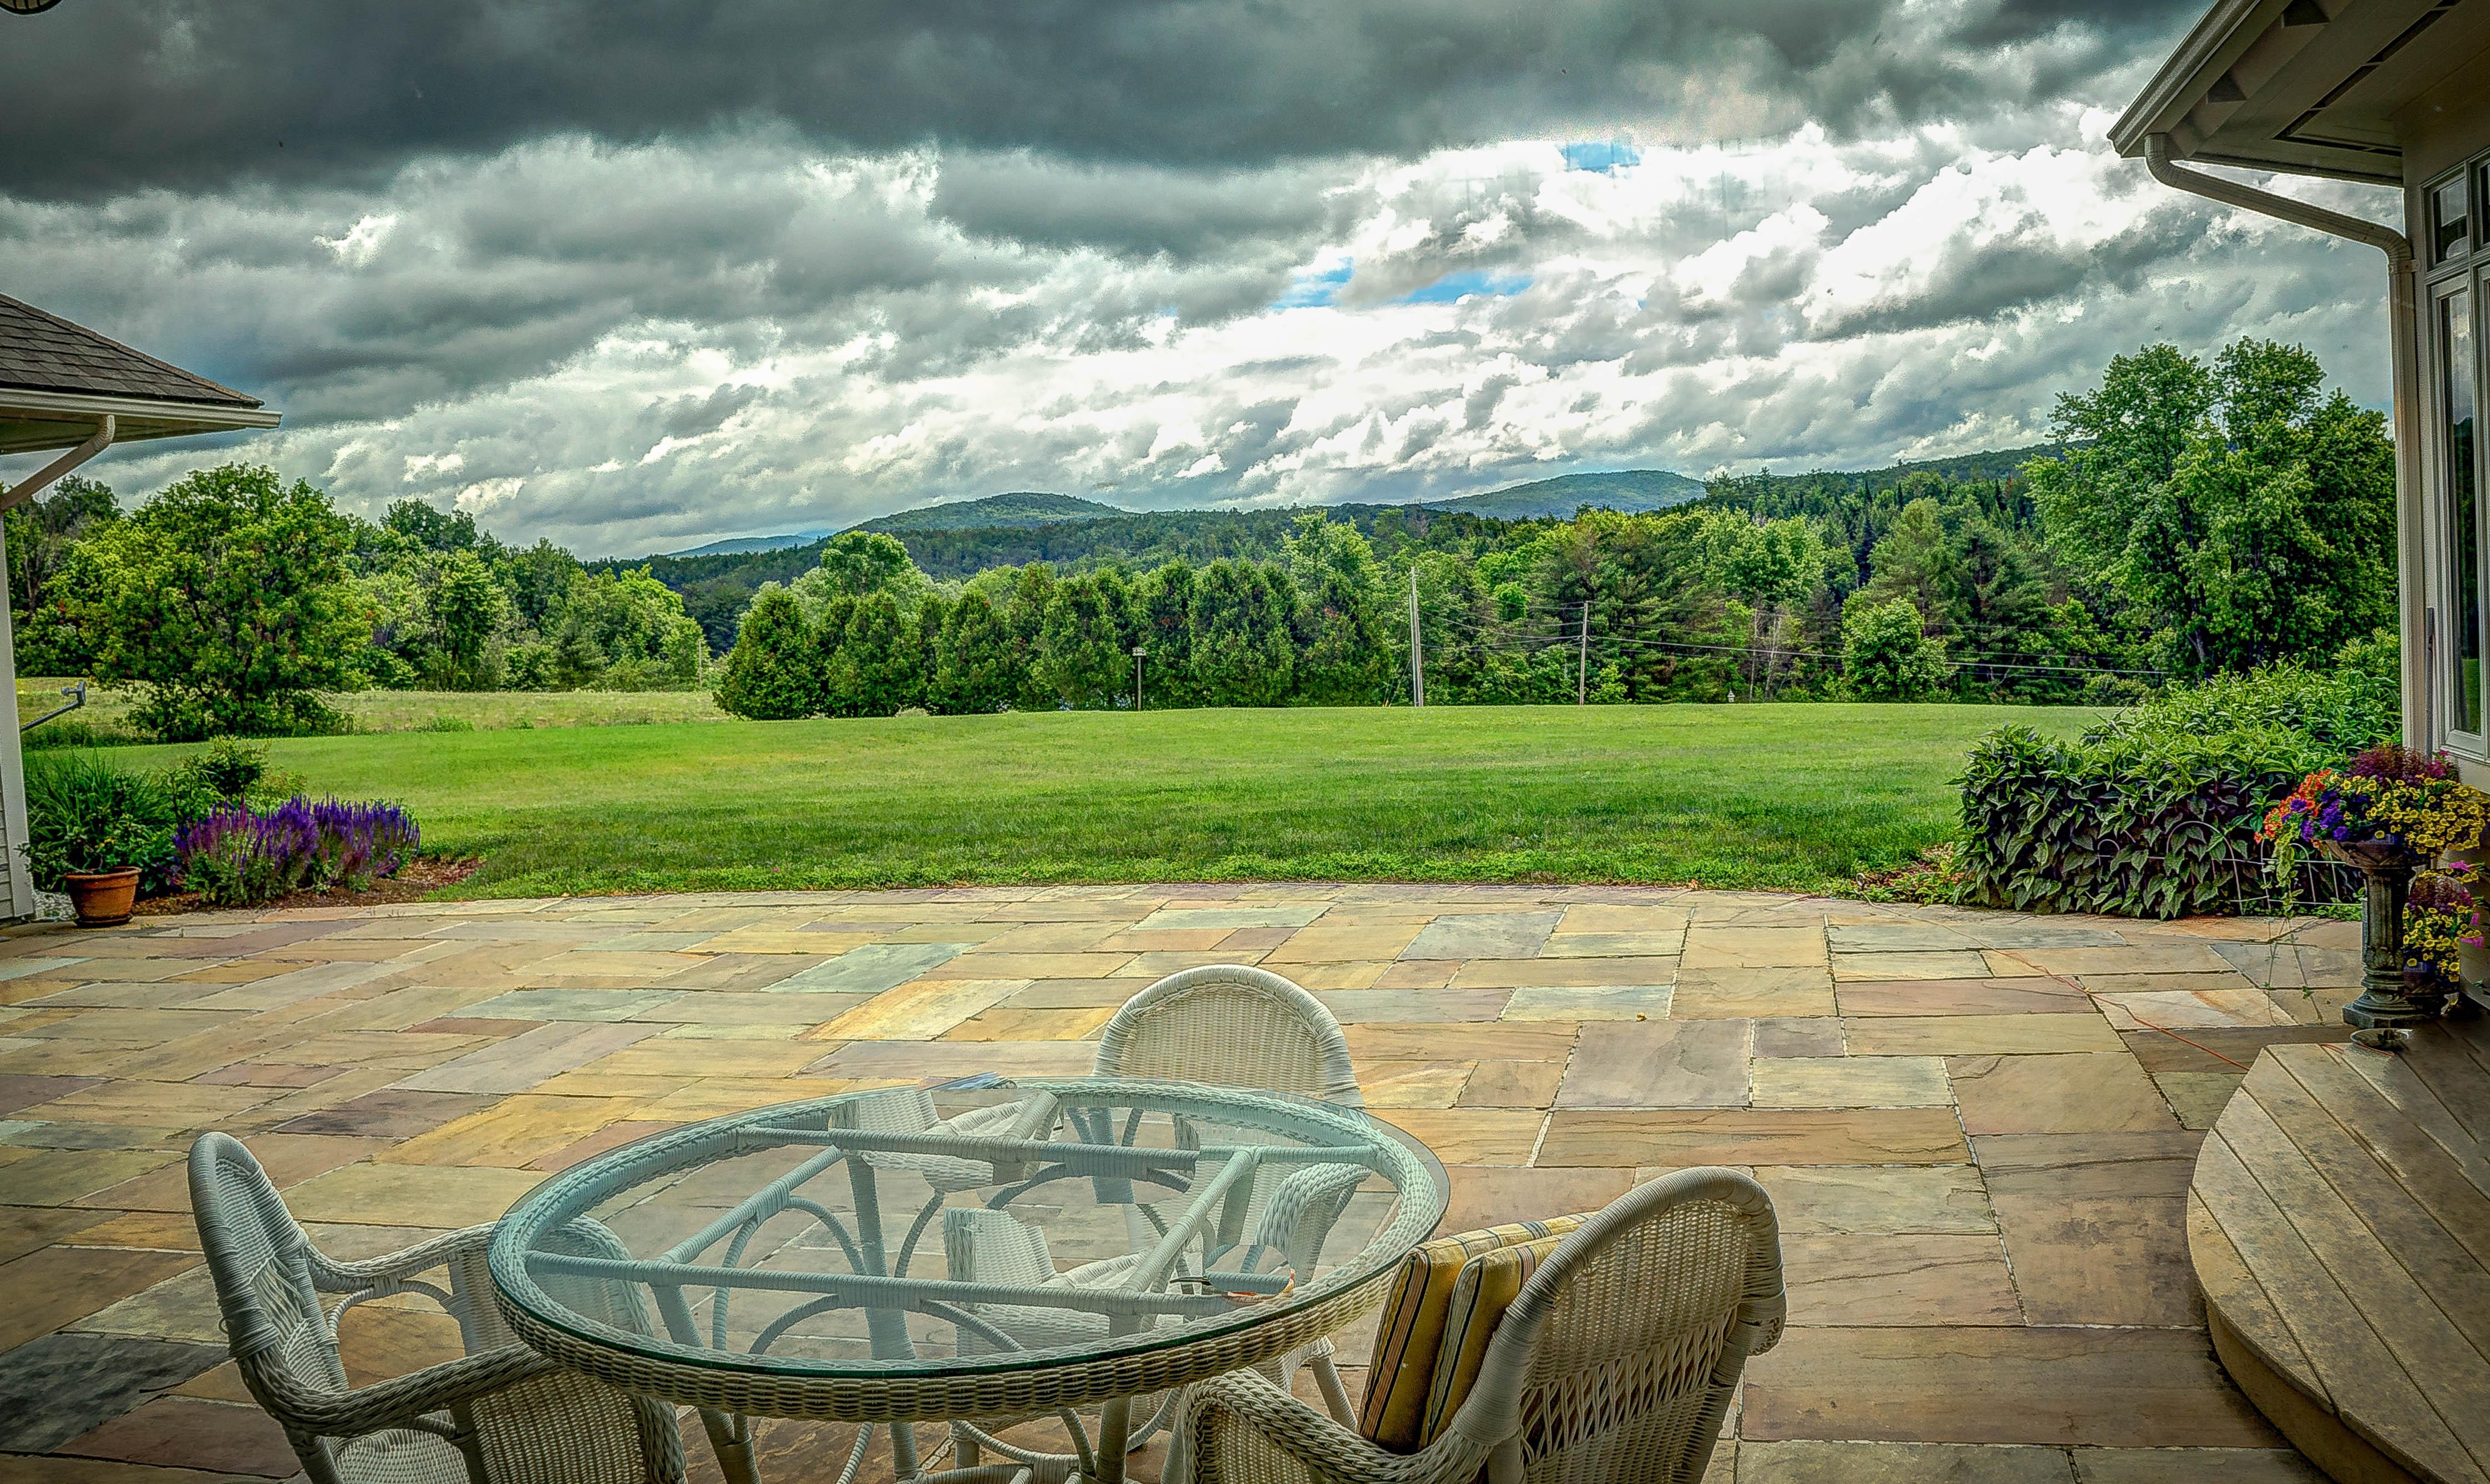 Landschaft Berg Panorama Ferien Grün Hinterhof Garten Berge Immobilien  Vermont Ländliches Gebiet Mansfield Mount Mansfield Unterhaufen Nice Look